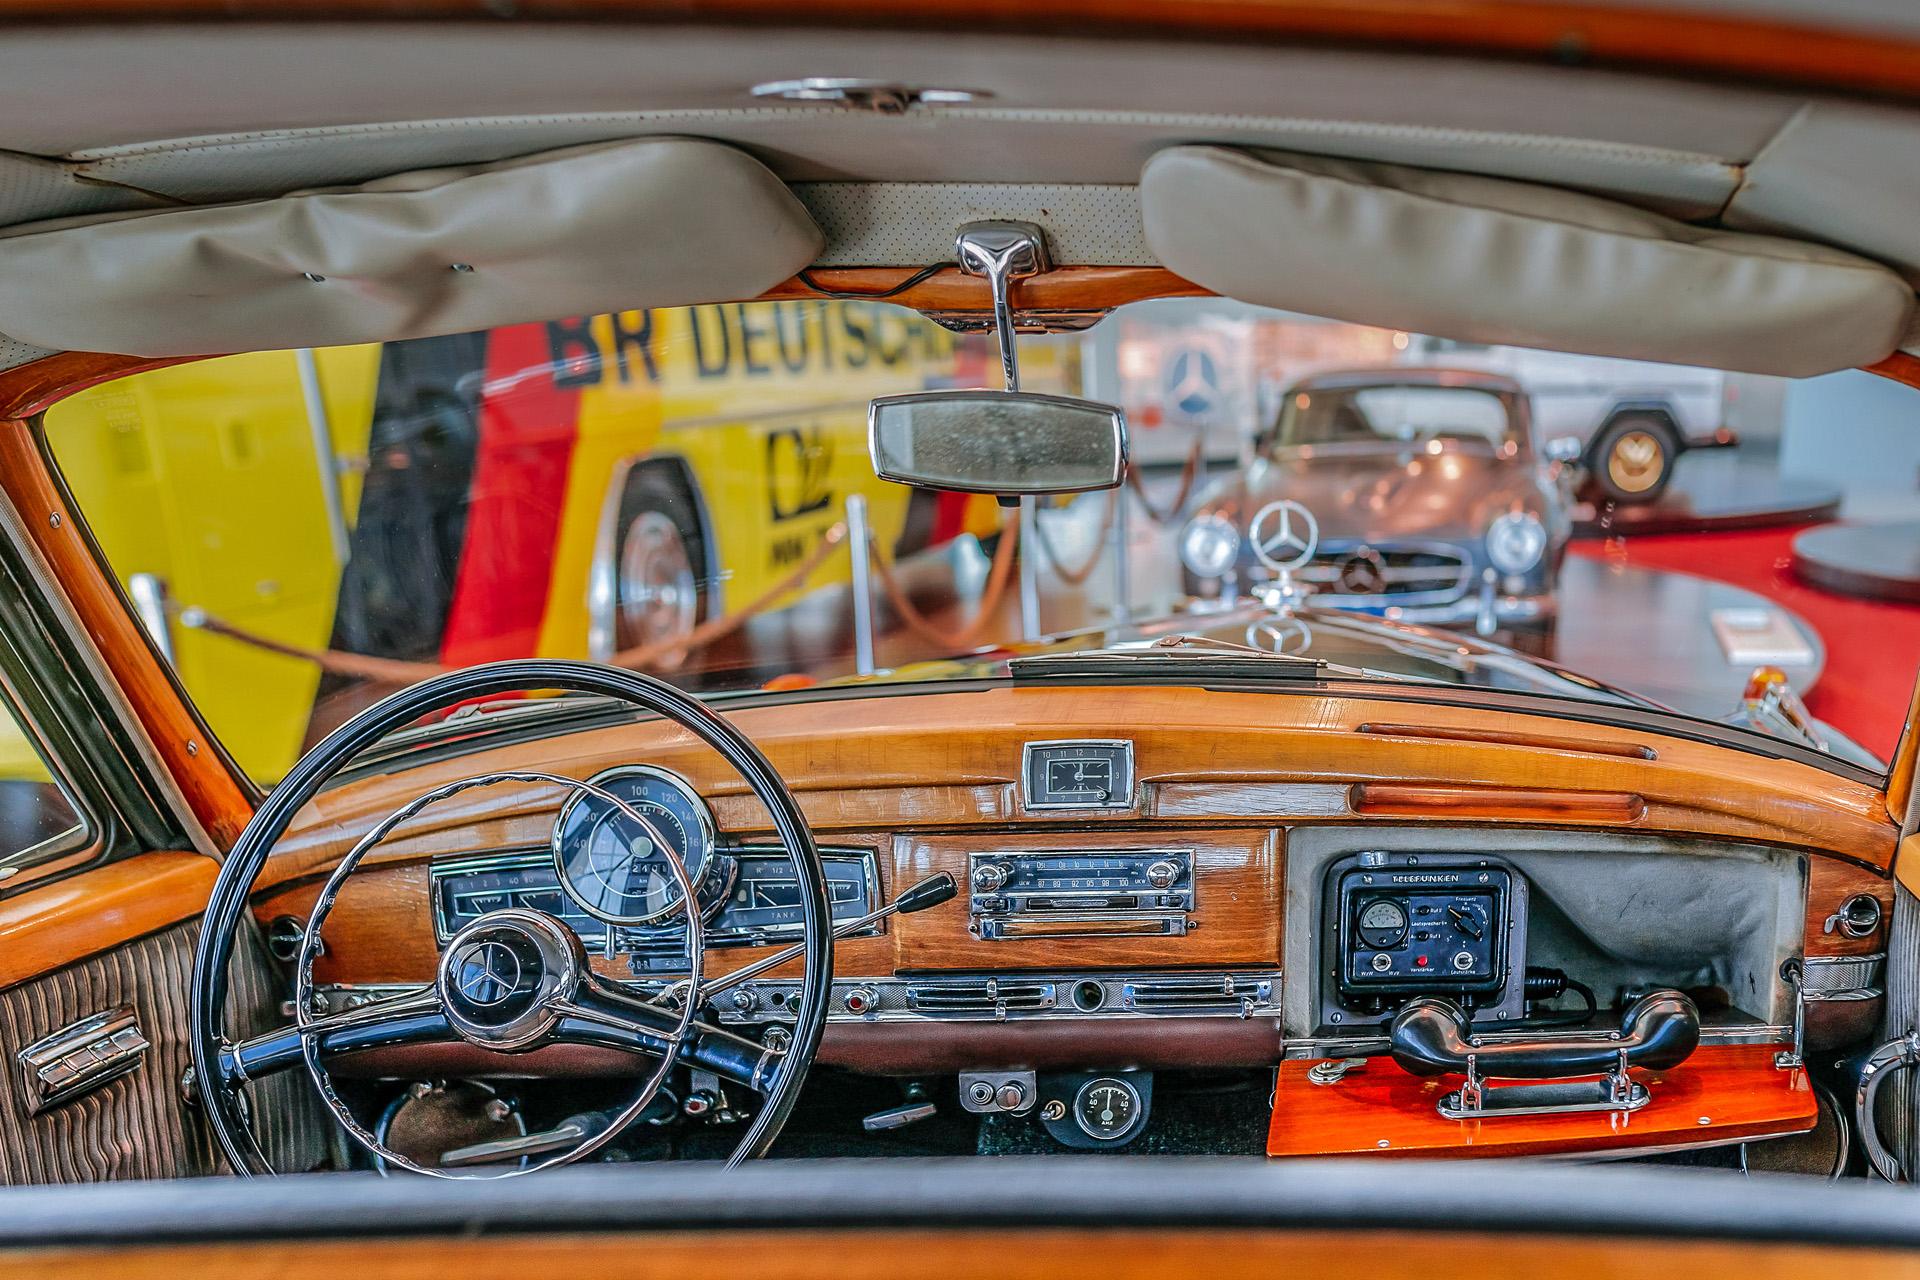 """Adenauers letzter """"Adenauer"""": Dieser Mercedes-Benz 300 (W 189) im Mercedes-Benz Museum ist der letzte Dienstwagen des ersten deutschen Bundeskanzlers Konrad Adenauer. Interieurfoto aus dem Fond vom Platz des Bundeskanzlers über das Cockpit hinweg in den Raum Collection 4: Galerie der Namen. Rechts im Bild das im Handschuhfach eingebaute Funkgerät."""